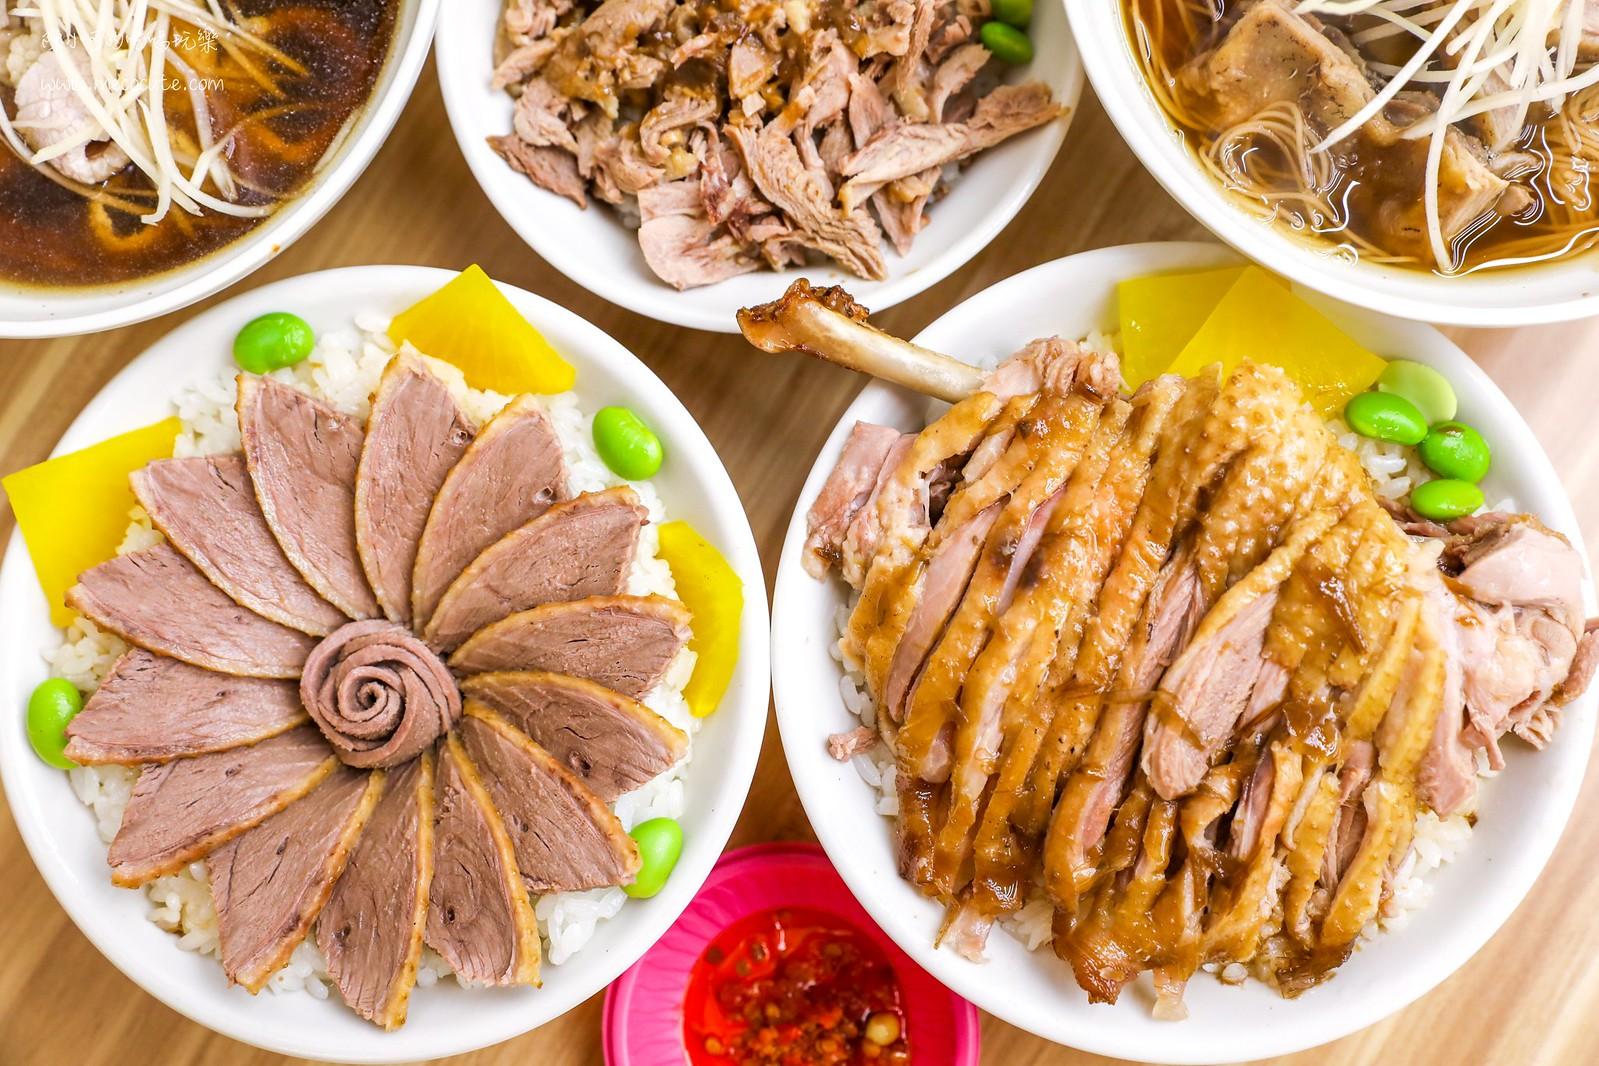 終於朝聖啦~生意超好!超好吃鴨腿飯+隱藏版玫瑰鴨肉飯!內用當歸湯免費續